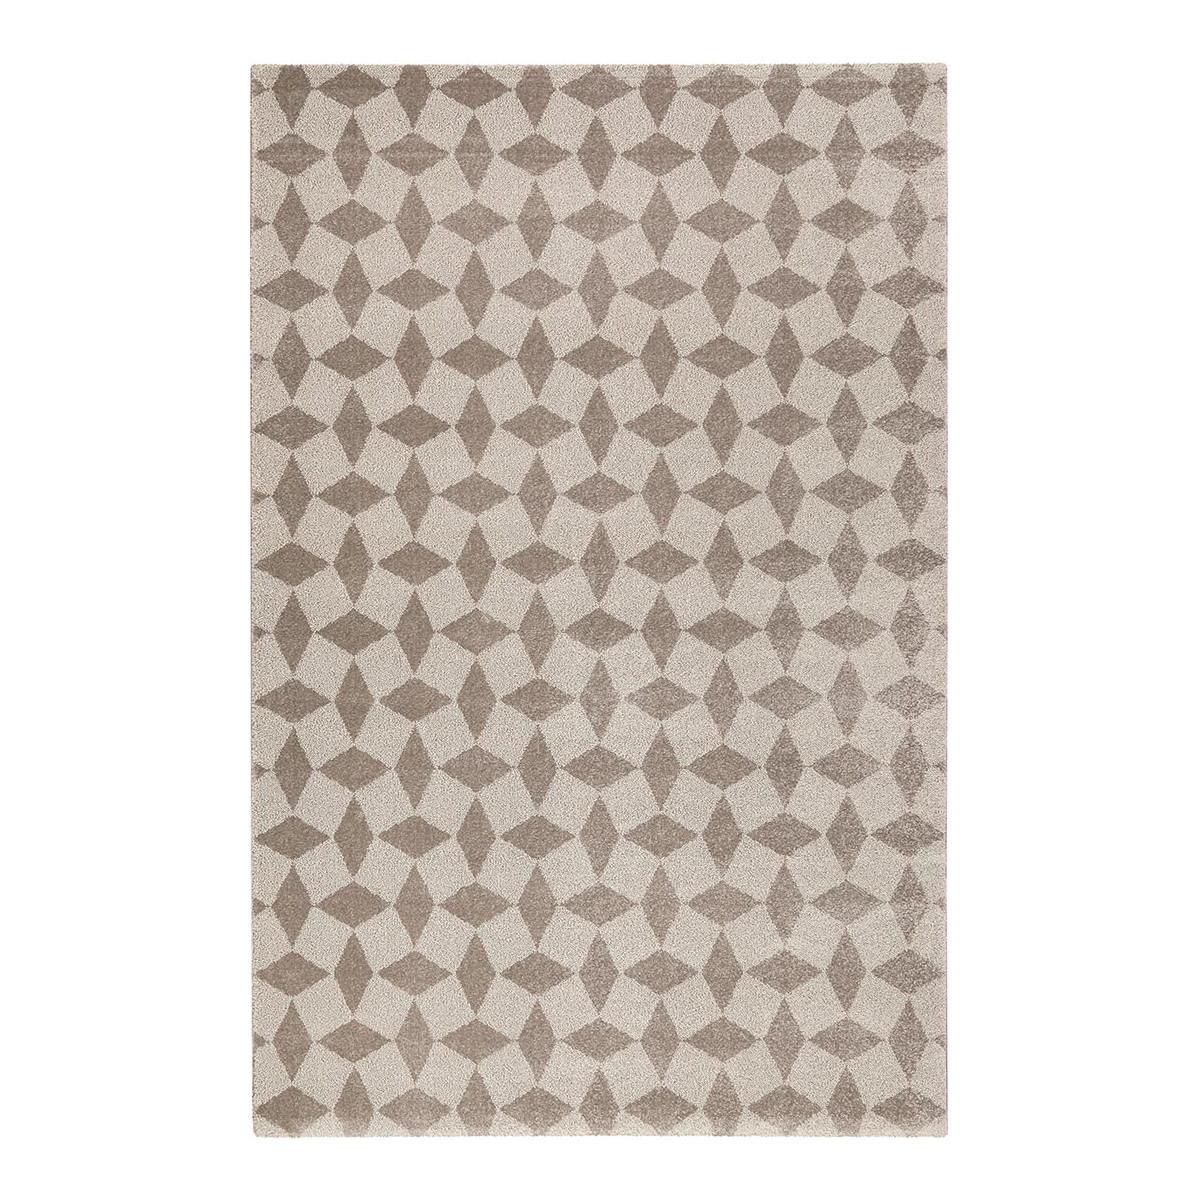 Tapis géométrique scandinave en polypropylène gris 133x200